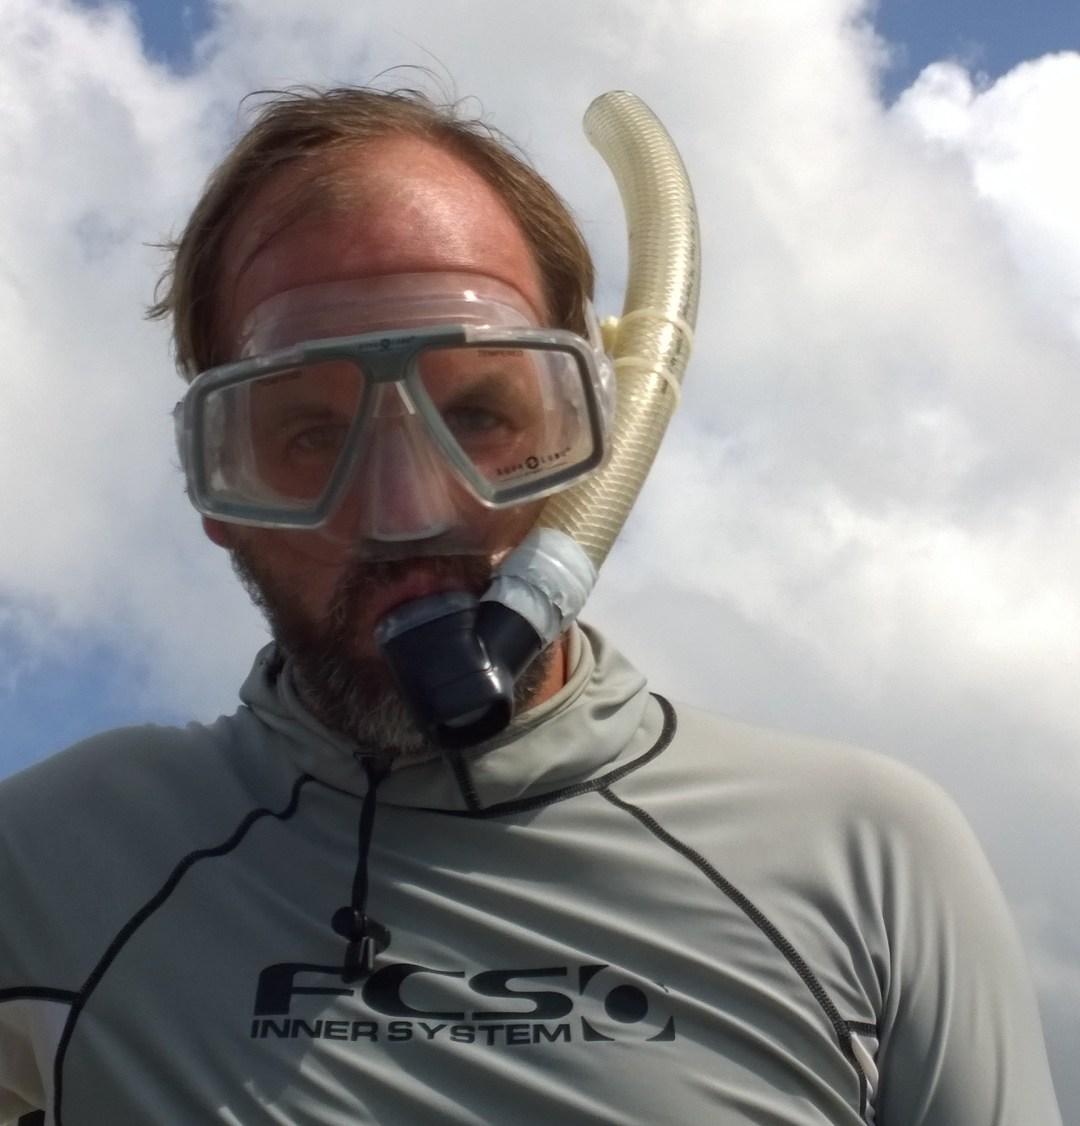 Veneestä ei millään löytynyt yhtä snorkkelin putkea, joten oli aika askarrella… Letkun pätkä toimi kuulemma yllättävän hyvin ja mikä ei jeesusteipillä tokene, niin sitä ei tarvita!